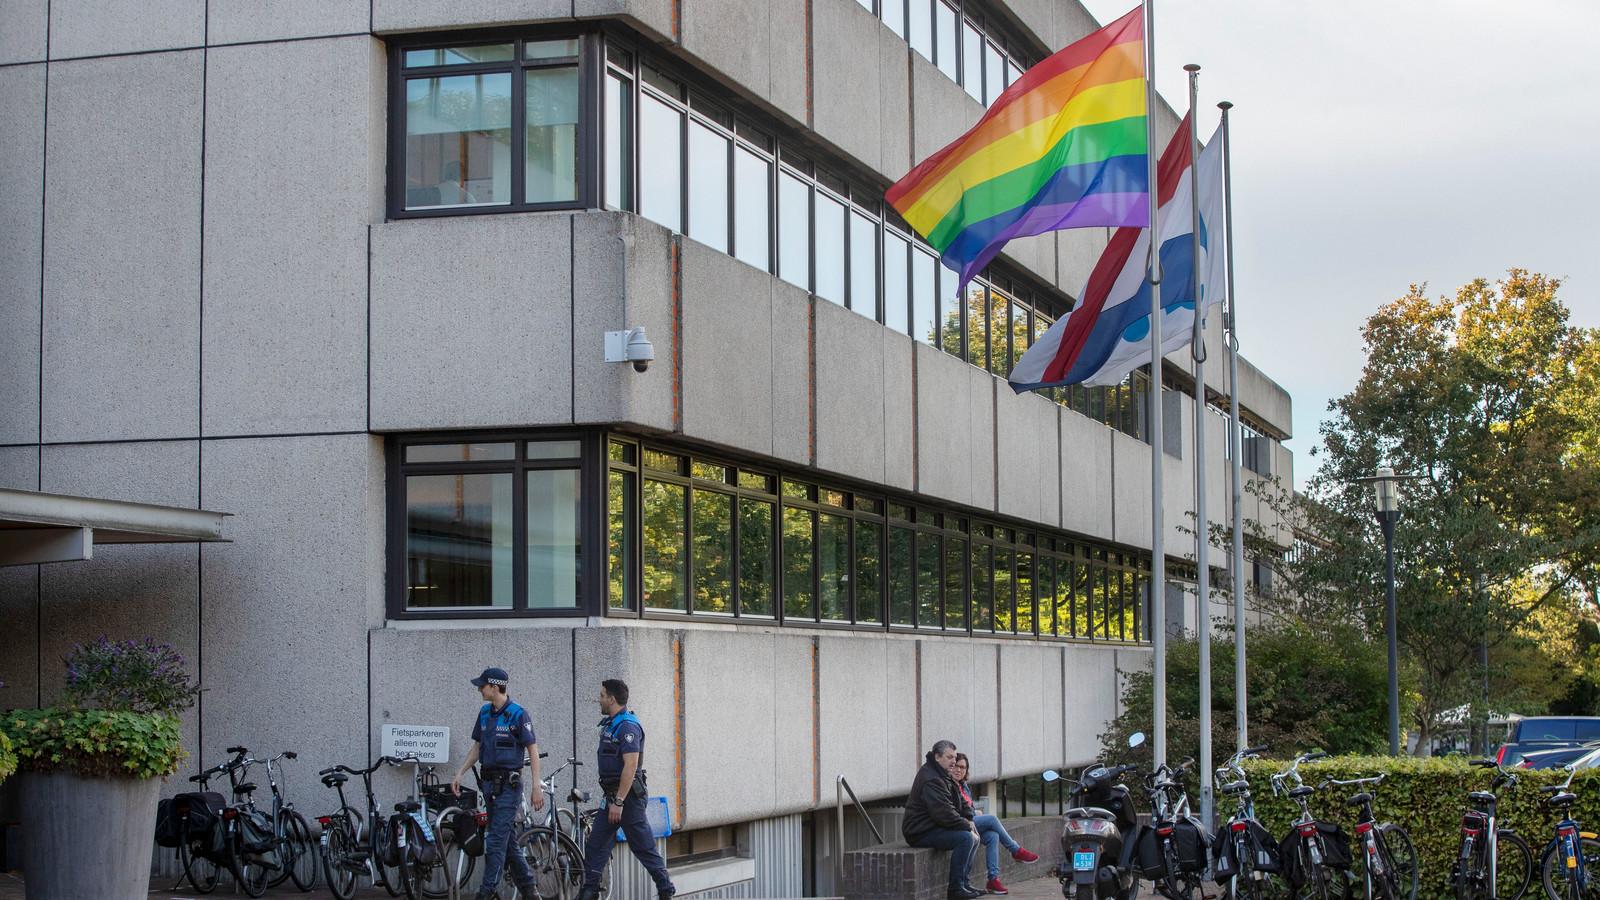 Ede is nog geen Regenbooggemeente, maar in 2018 wapperde wel voor het eerst de Regenboogvlag bij het Edese gemeentehuis.